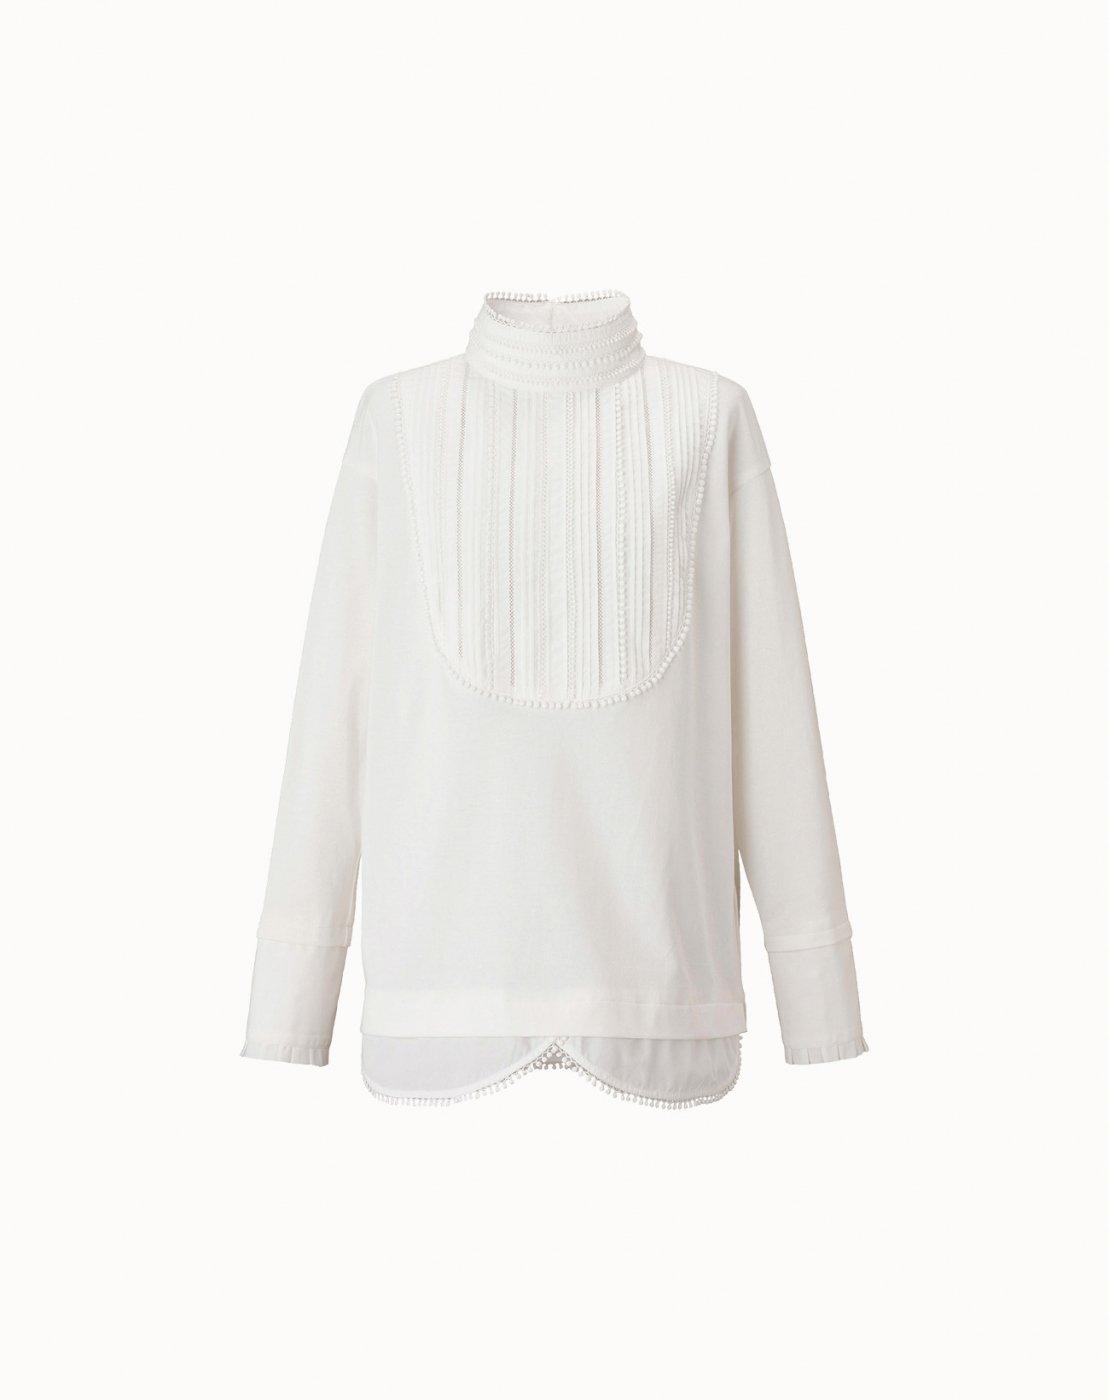 leur logette - Cotton Top - White